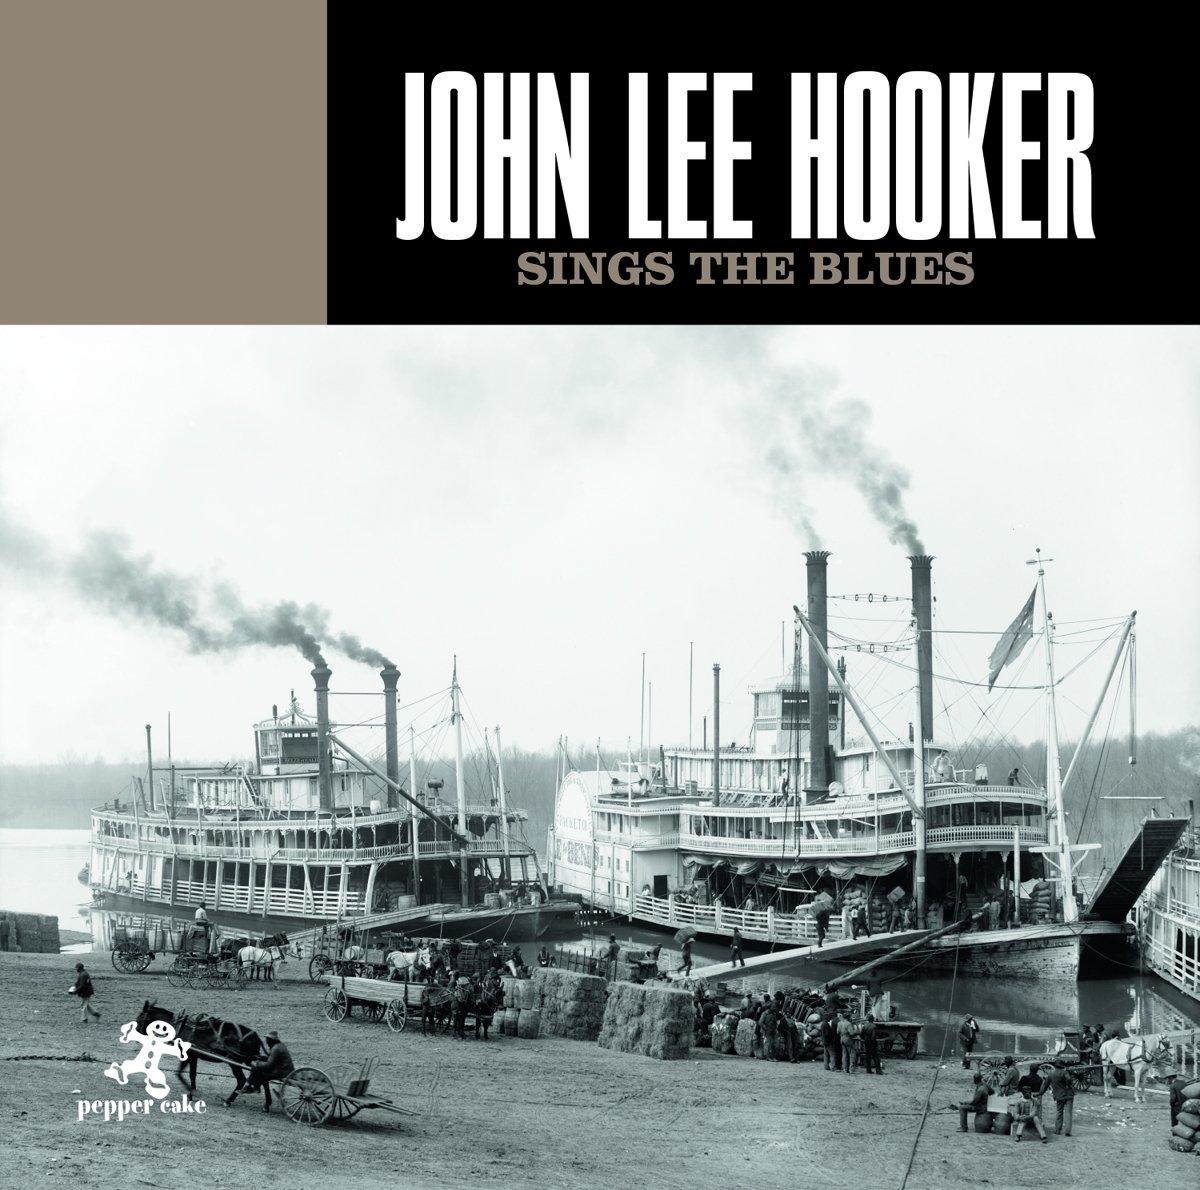 цена на Джон Ли Хукер John Lee Hooker. Sings The Blues